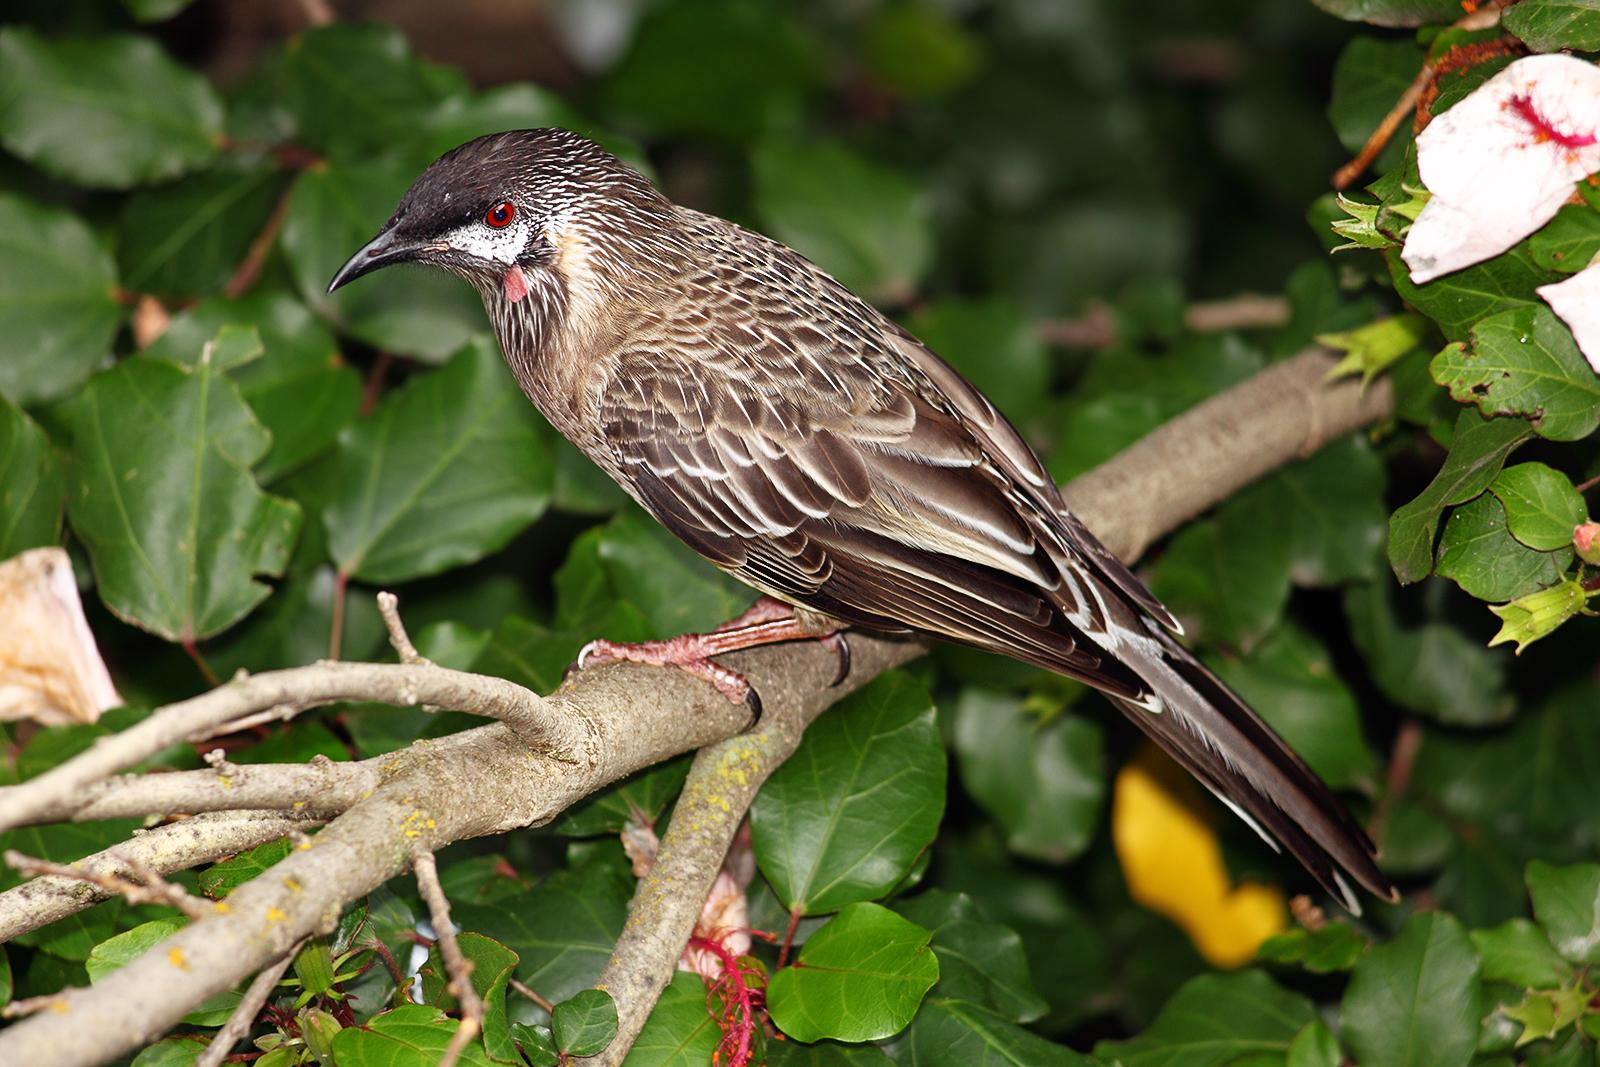 Http Commons Wikimedia Org Wiki File Red Wattle Bird Jpg